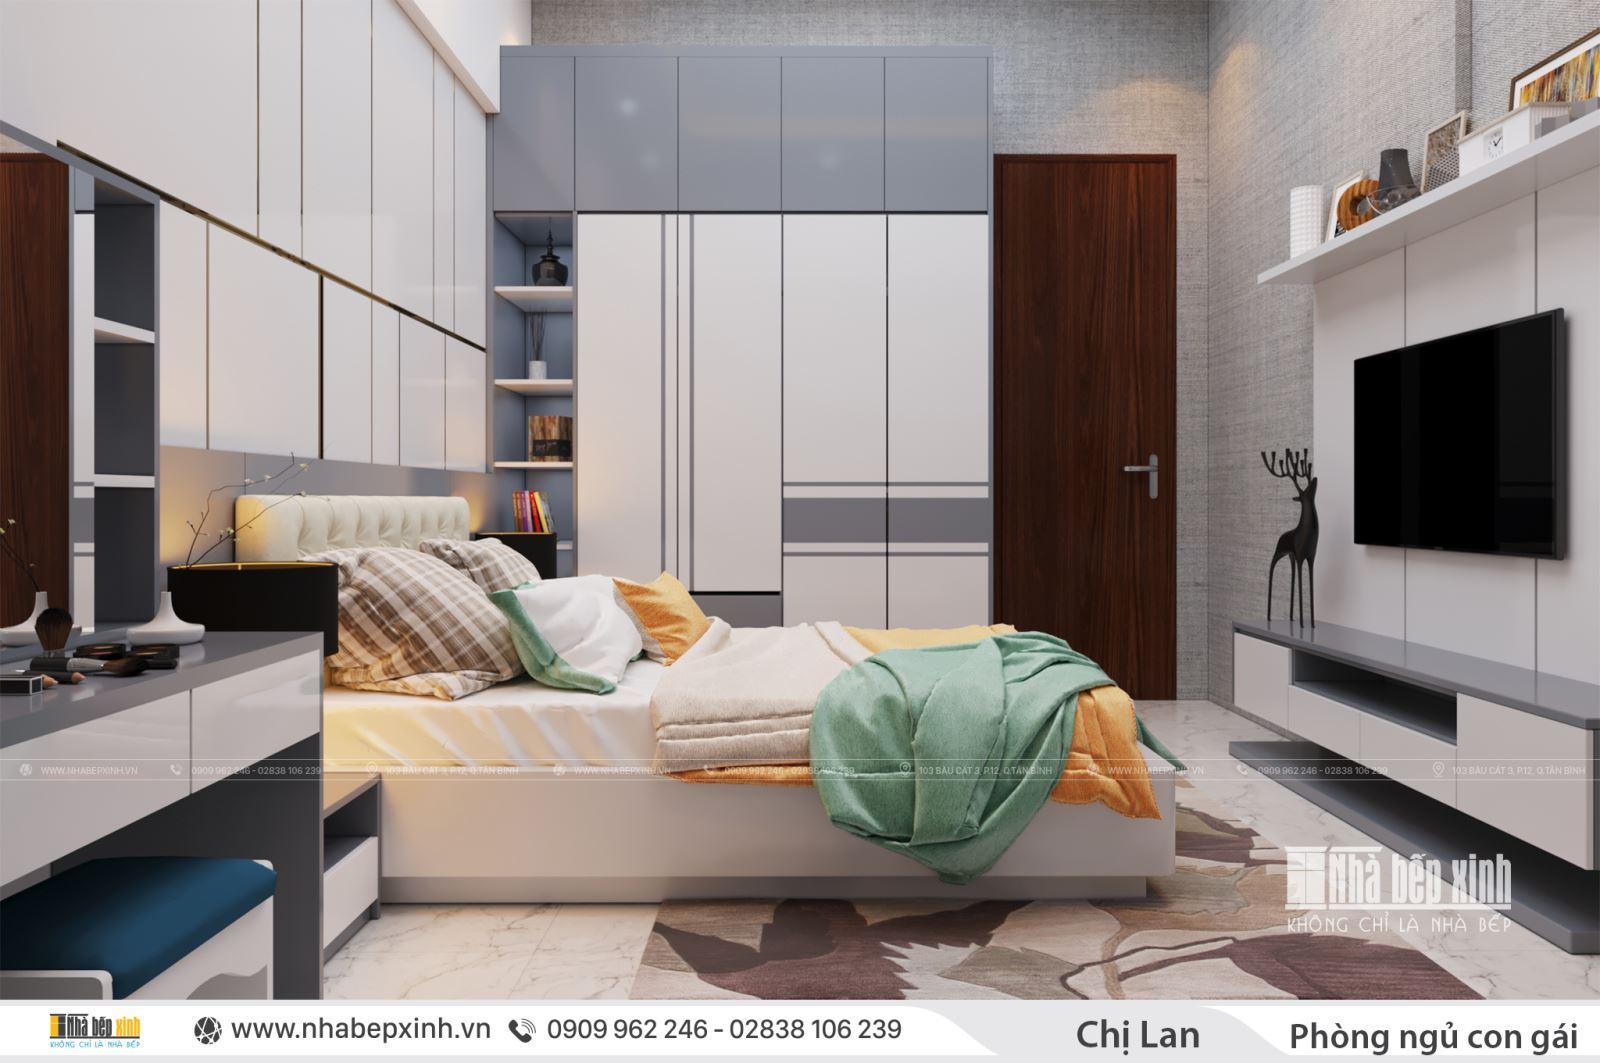 Phòng ngủ hiện đại dành cho không gian của bạn